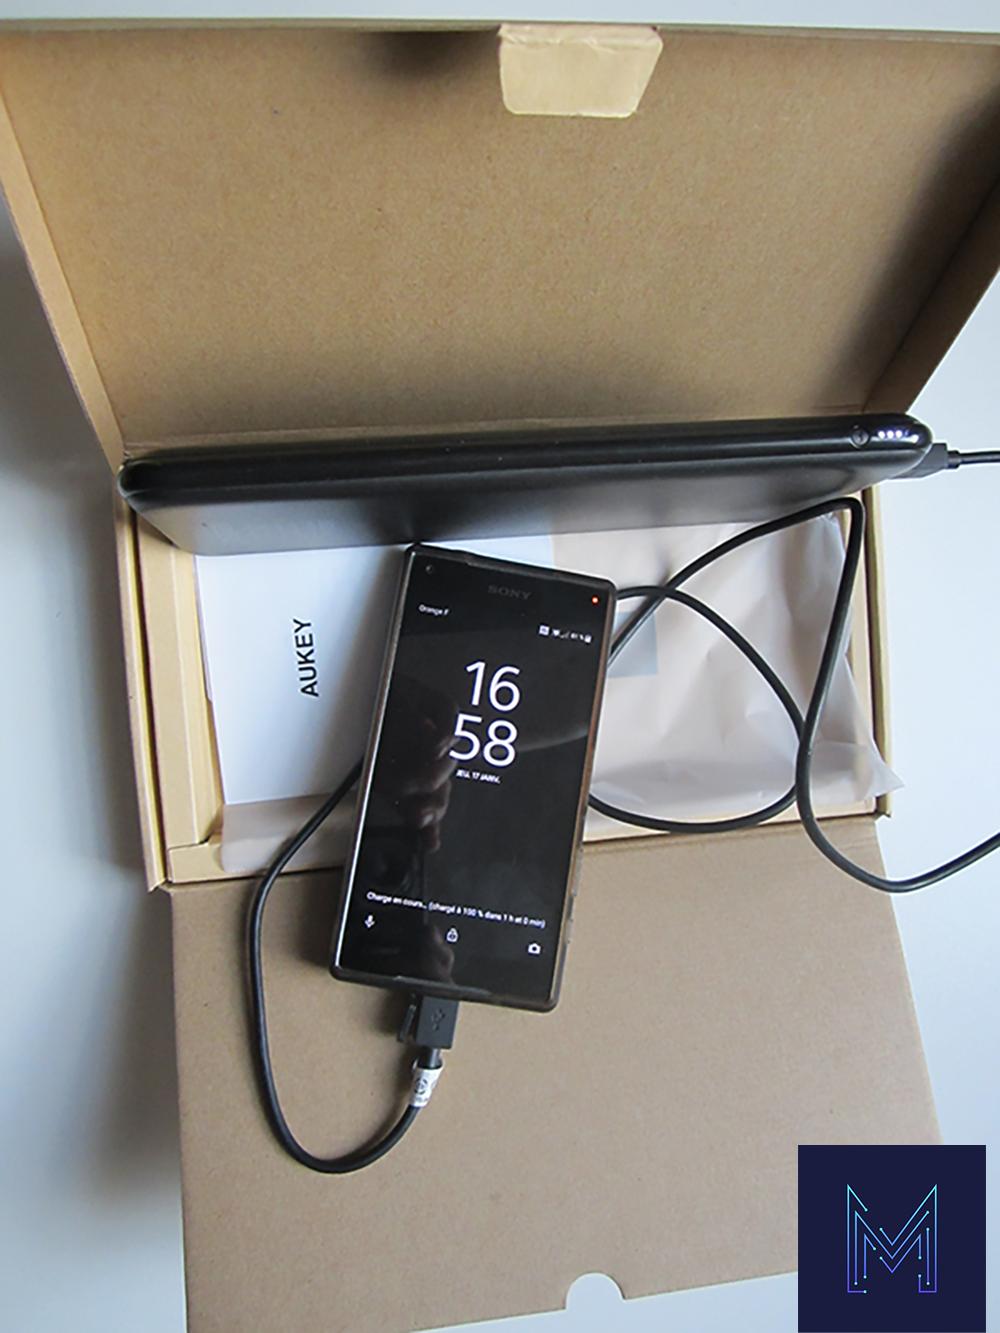 Aukey PB-Y14 dans sa boite et un smartphone branché